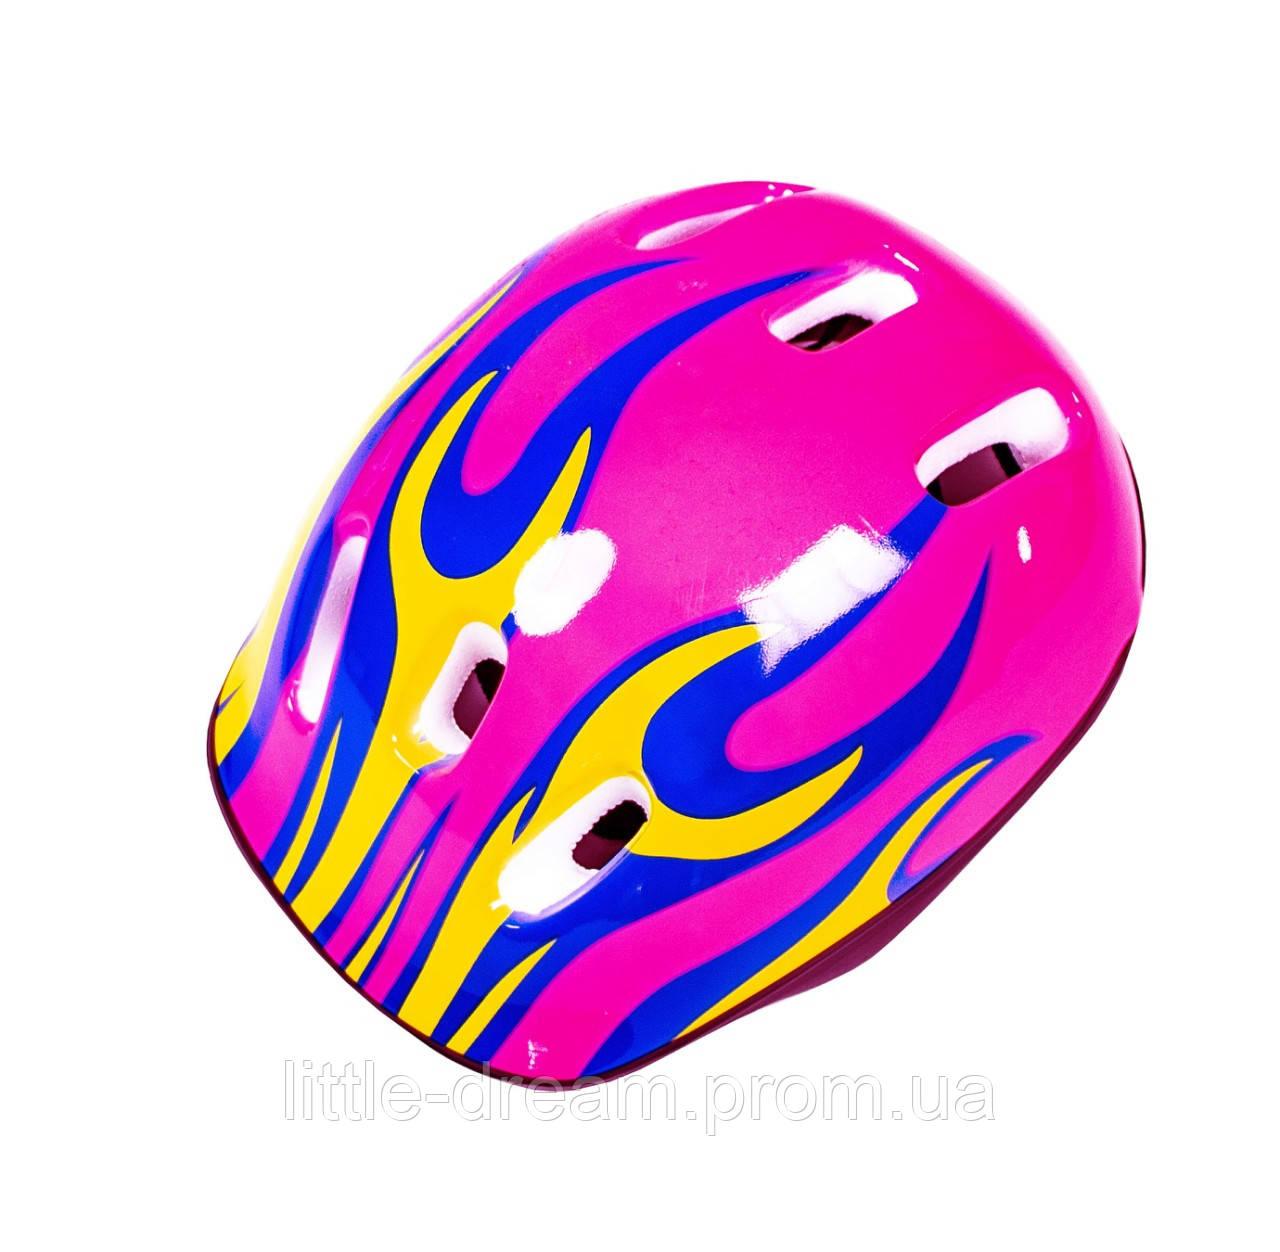 Шлем Pink. Огонь розовый